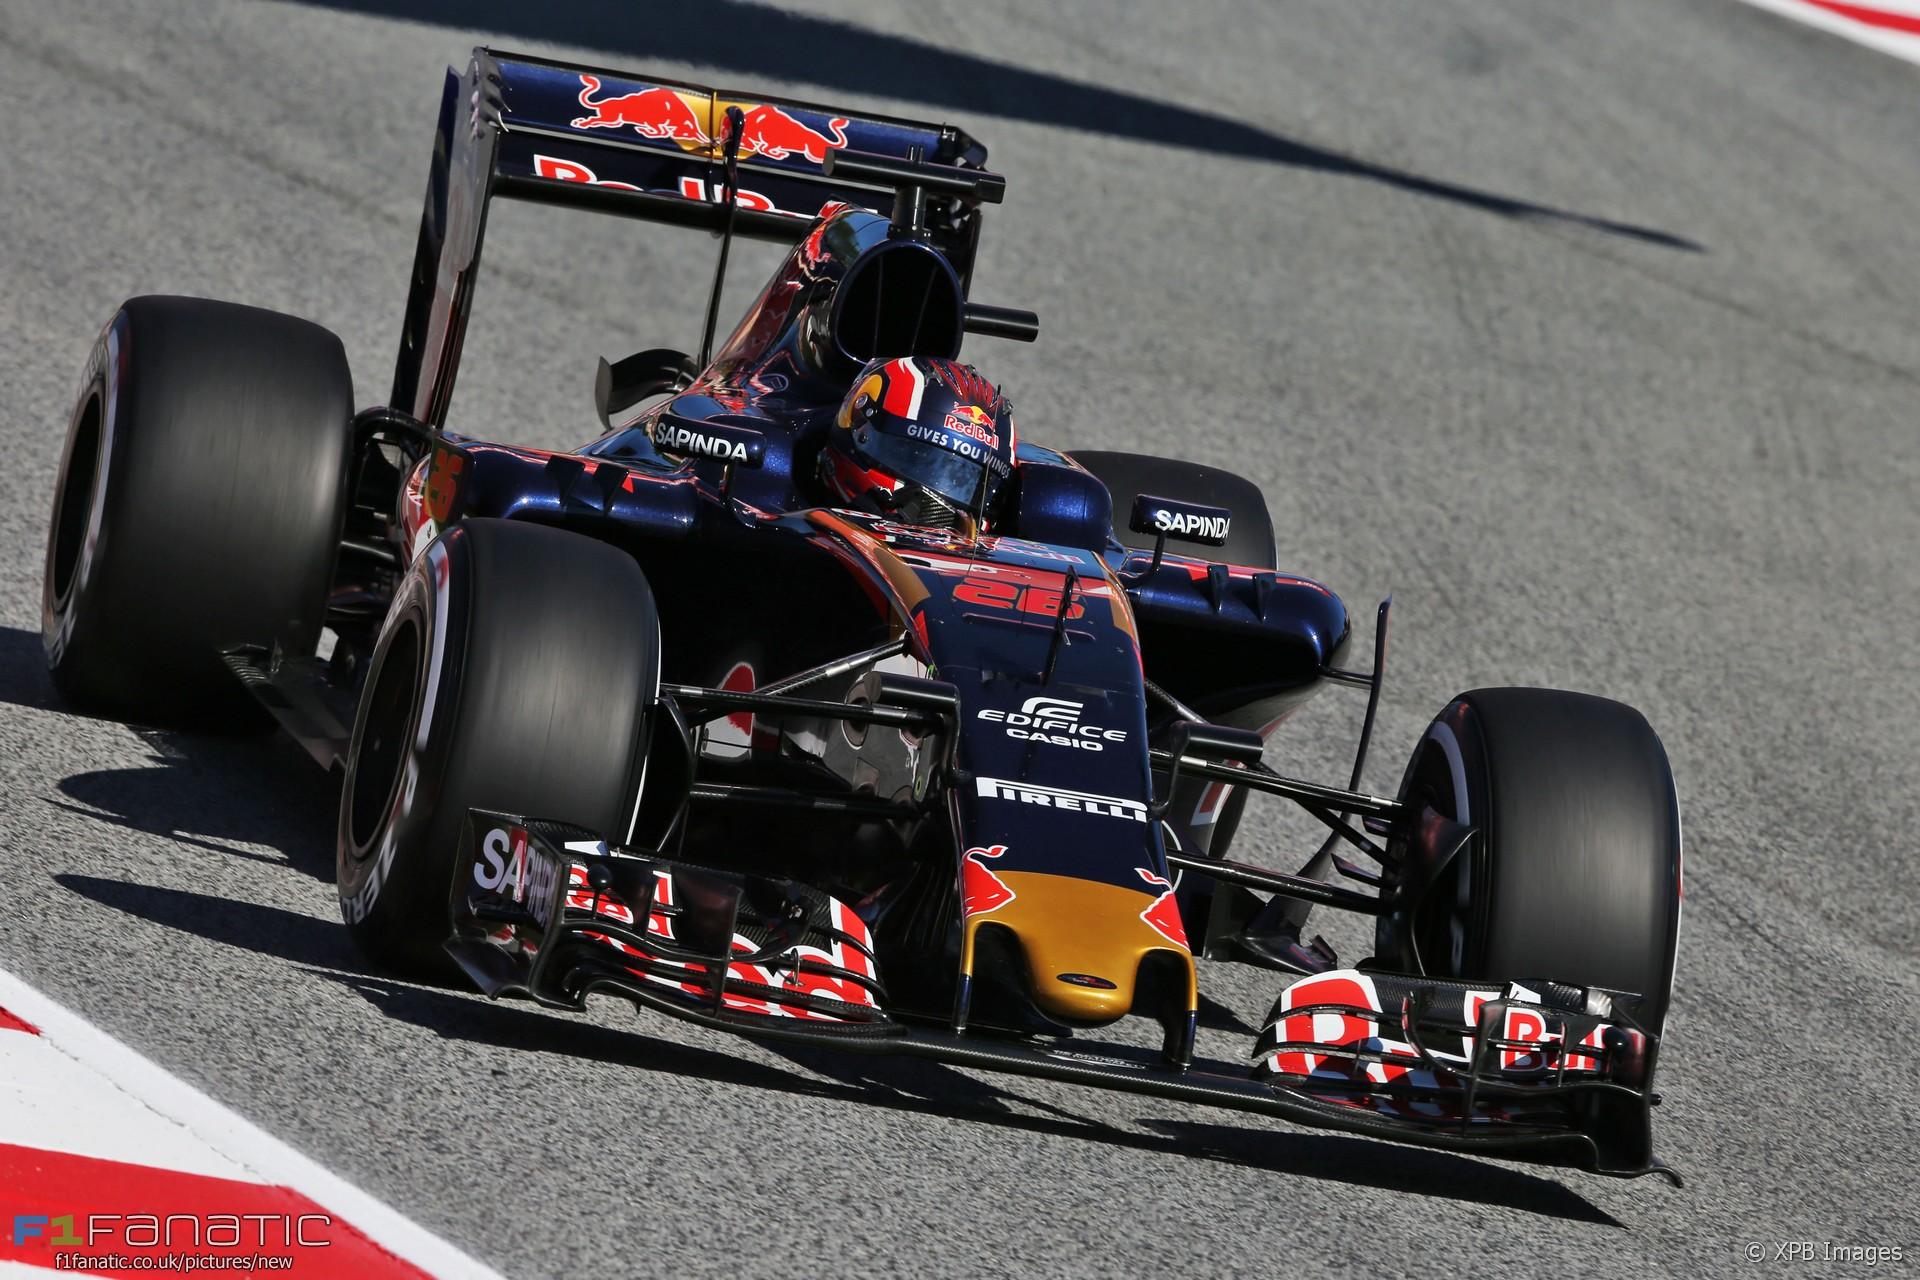 Daniil Kvyat, Toro Rosso, Circuit de Catalunya, 2016